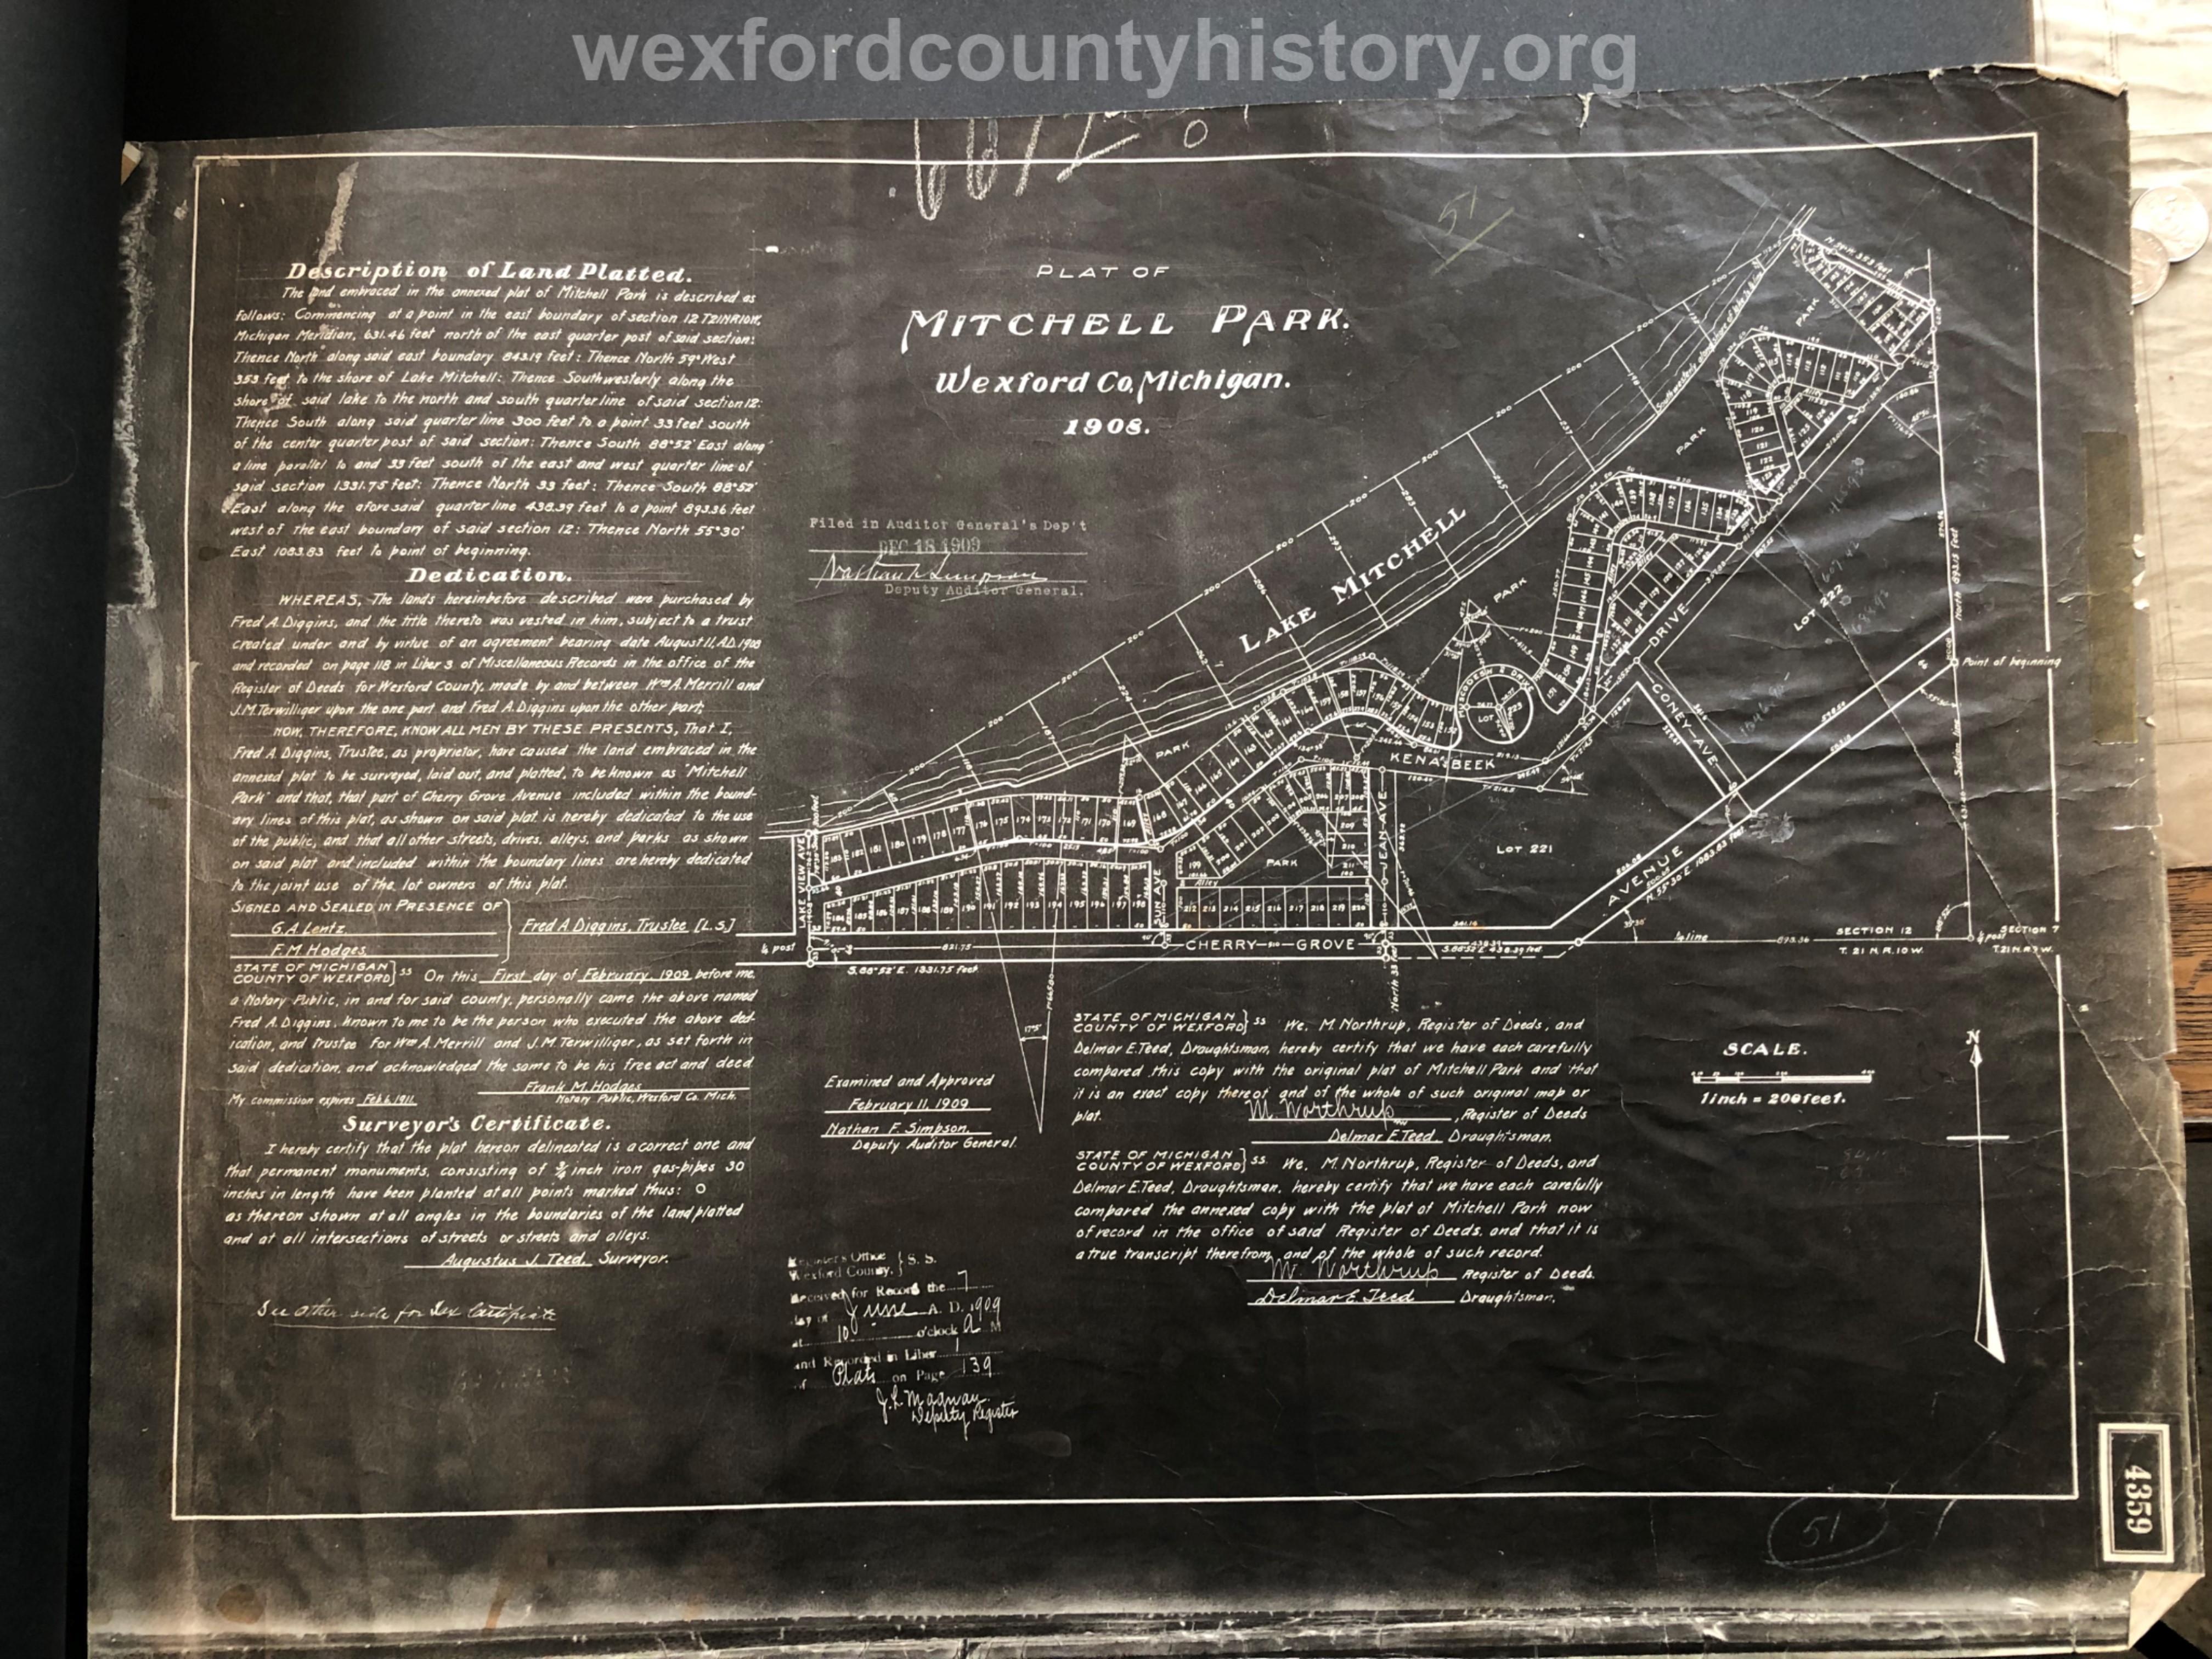 1908 - Mitchell Park